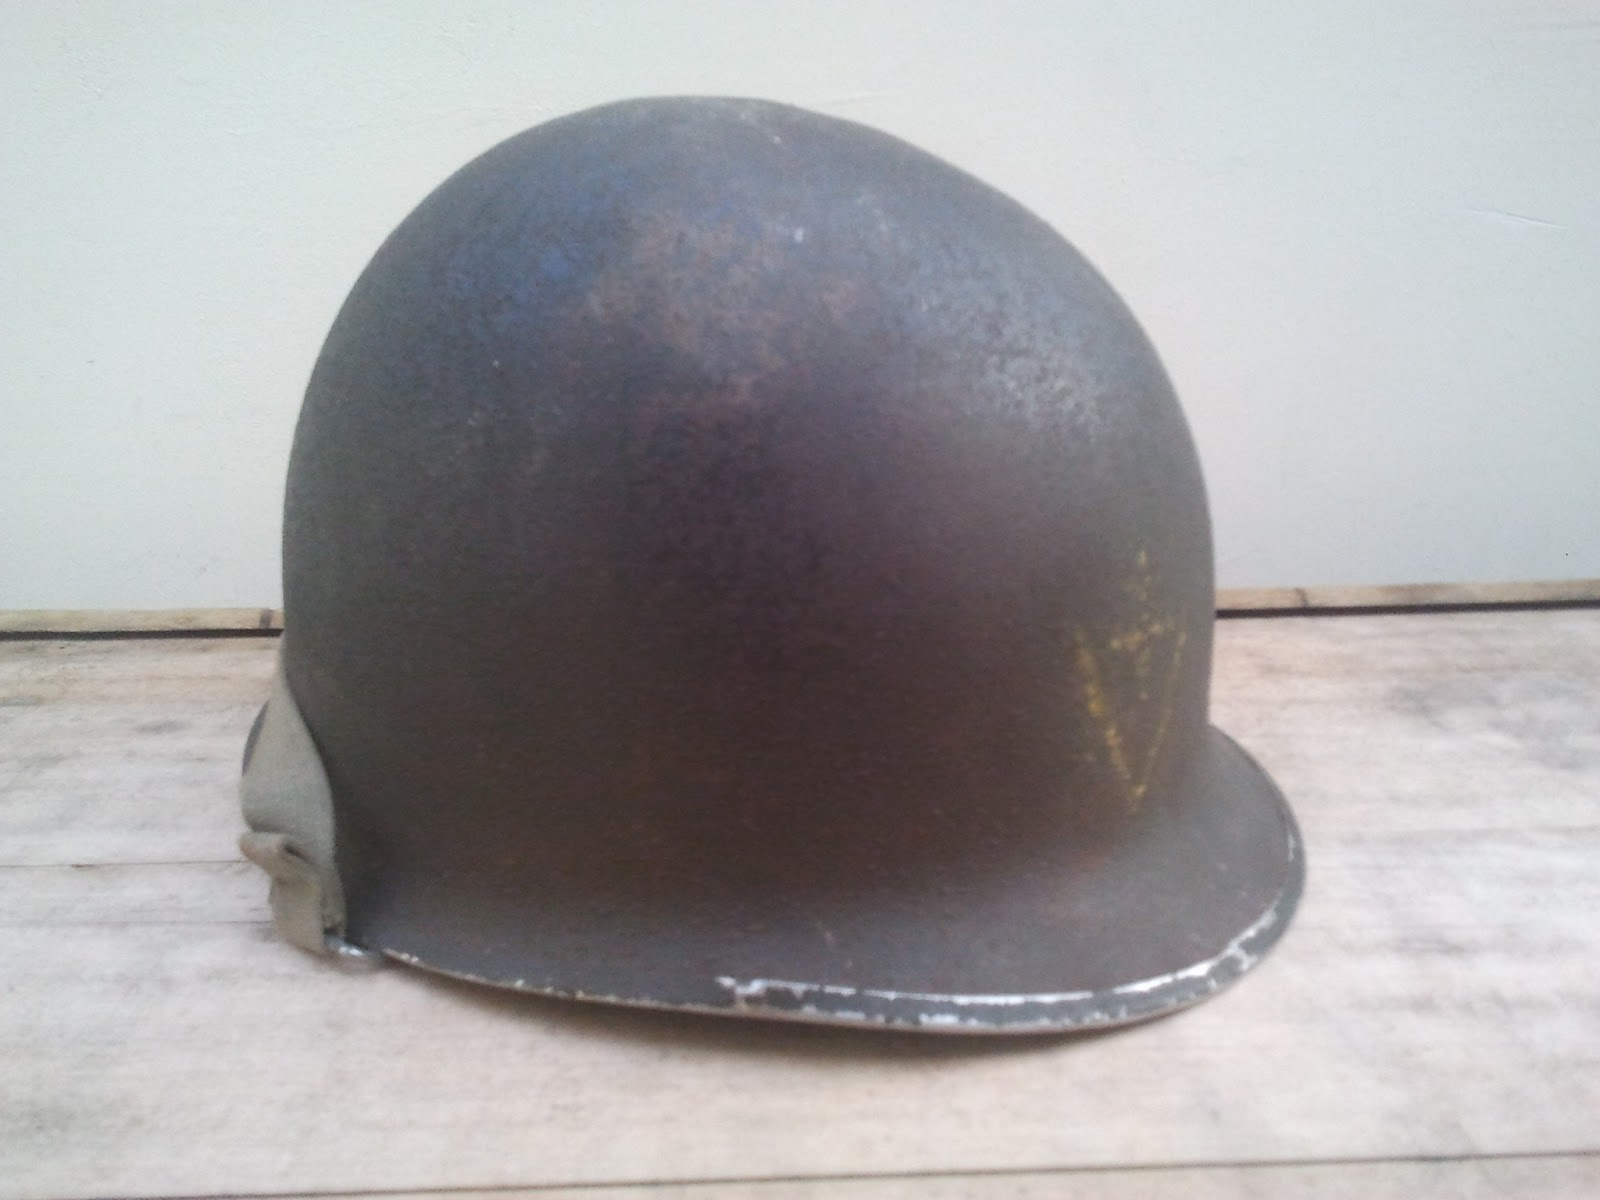 Souvenez vous 44 casque usm1 avec insigne 2edb casque usm1 dorigine amricaine de la deuxime guerre mondiale avec insigne du 13e gnie de la 2e db altavistaventures Choice Image